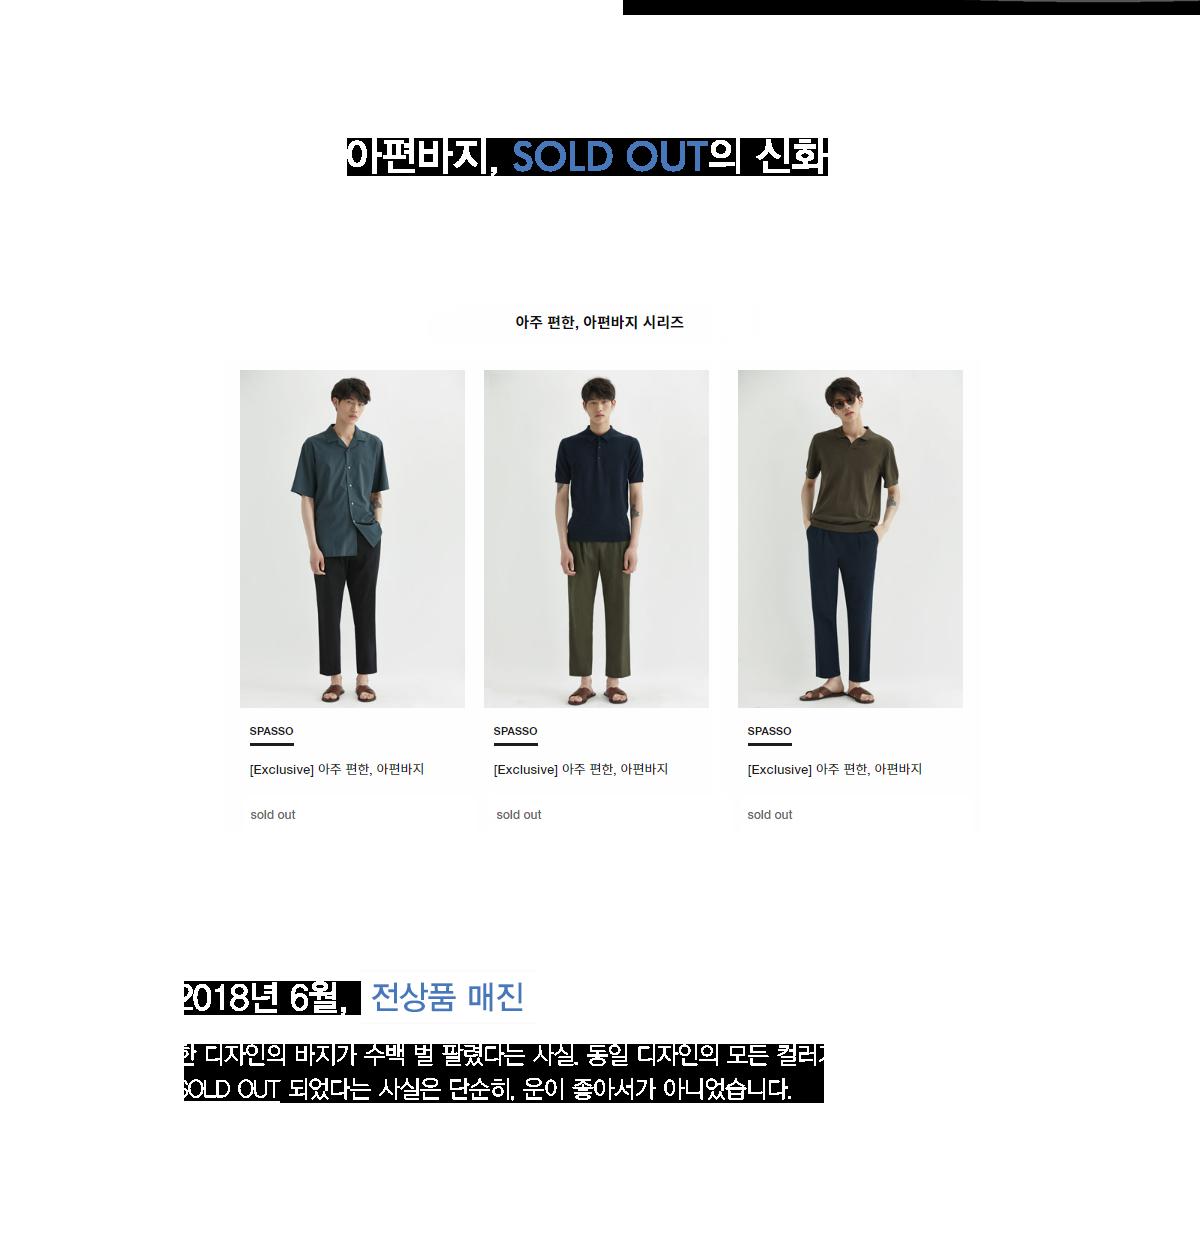 아편바지, SOLD OUT의 신화 2018년 6월 전상품 매진